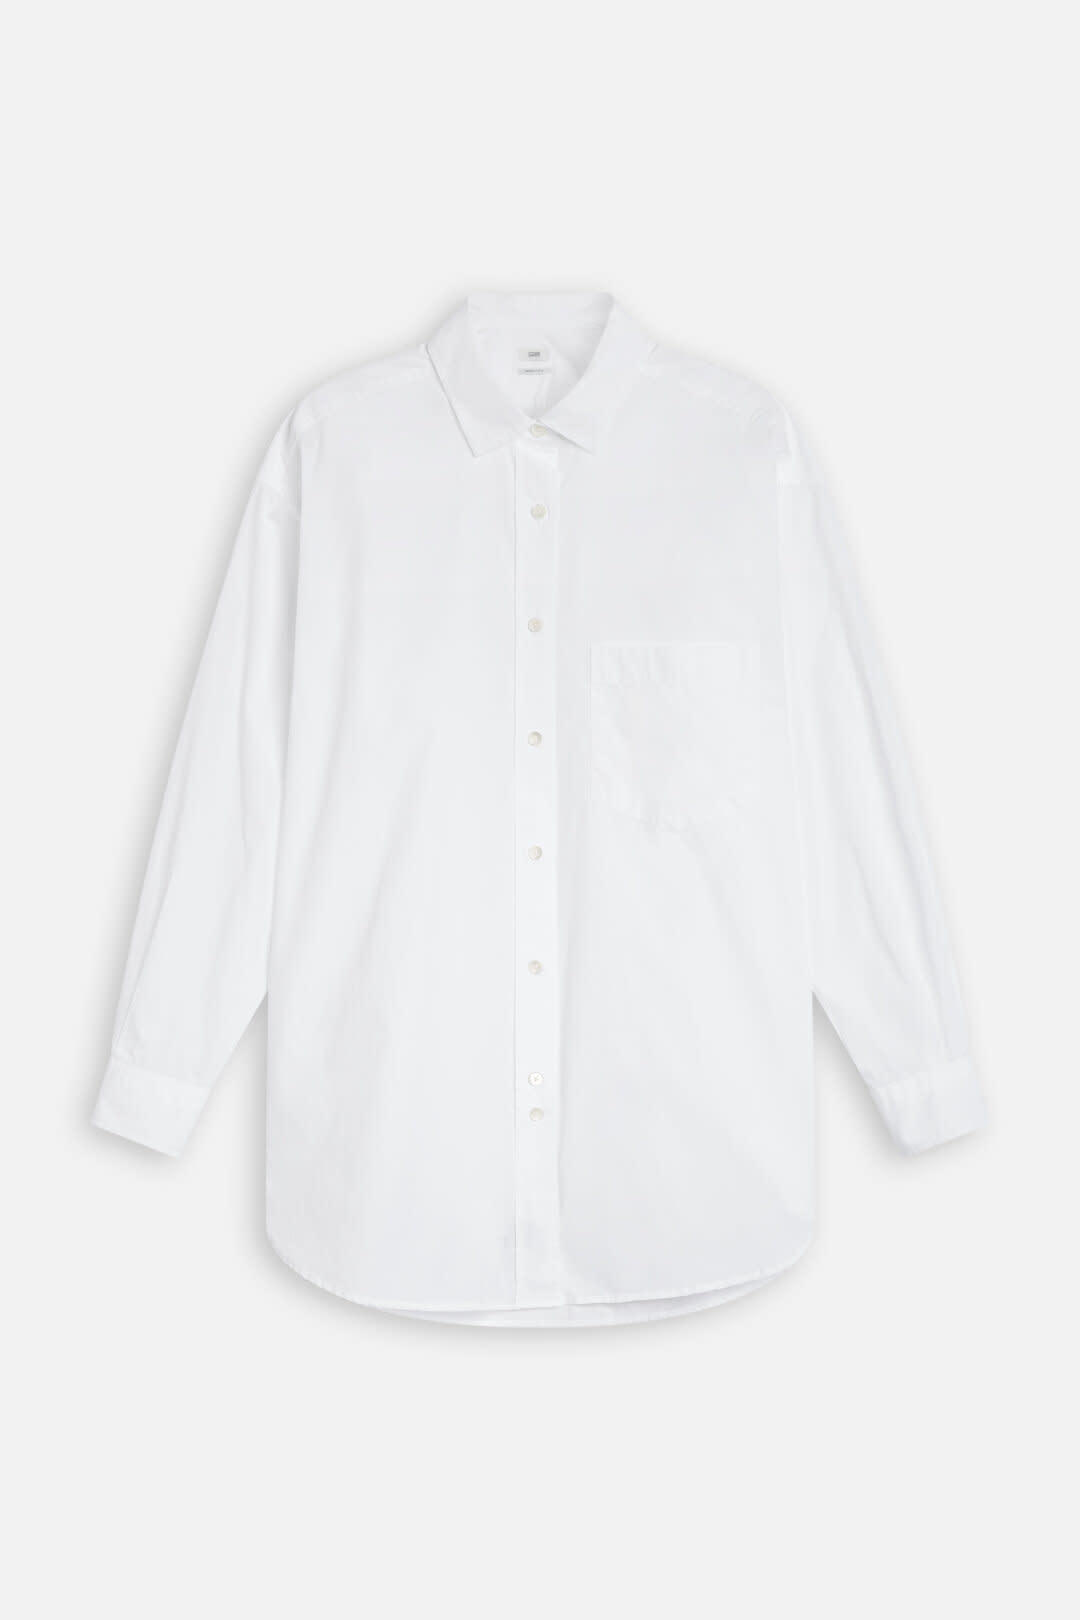 Mira blouse white-1